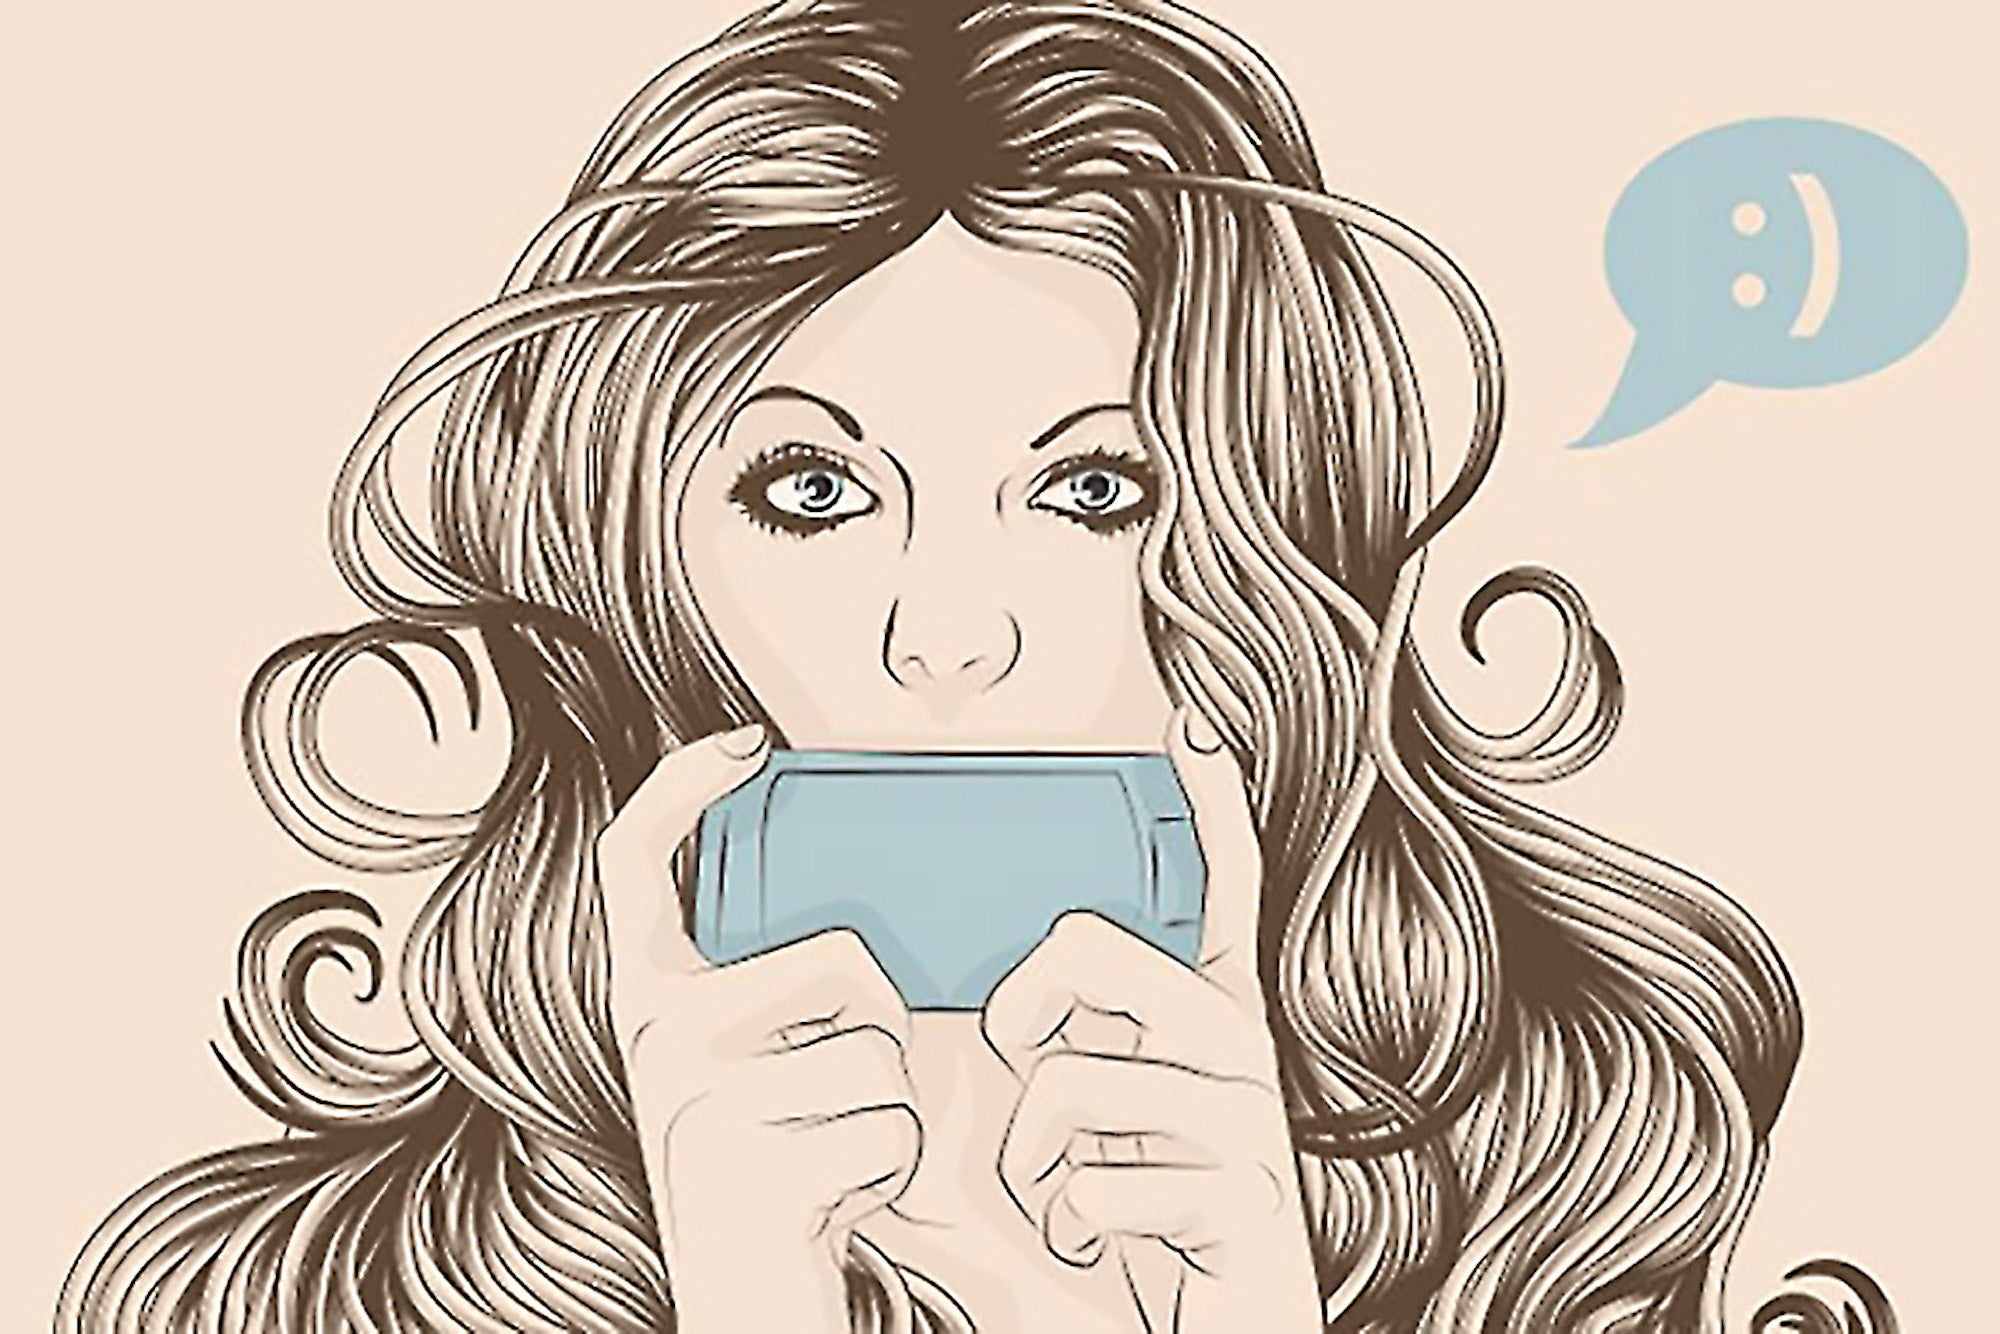 آداب معاشرت گفت و گو در پیام رسان تلگرام و واتزاپ